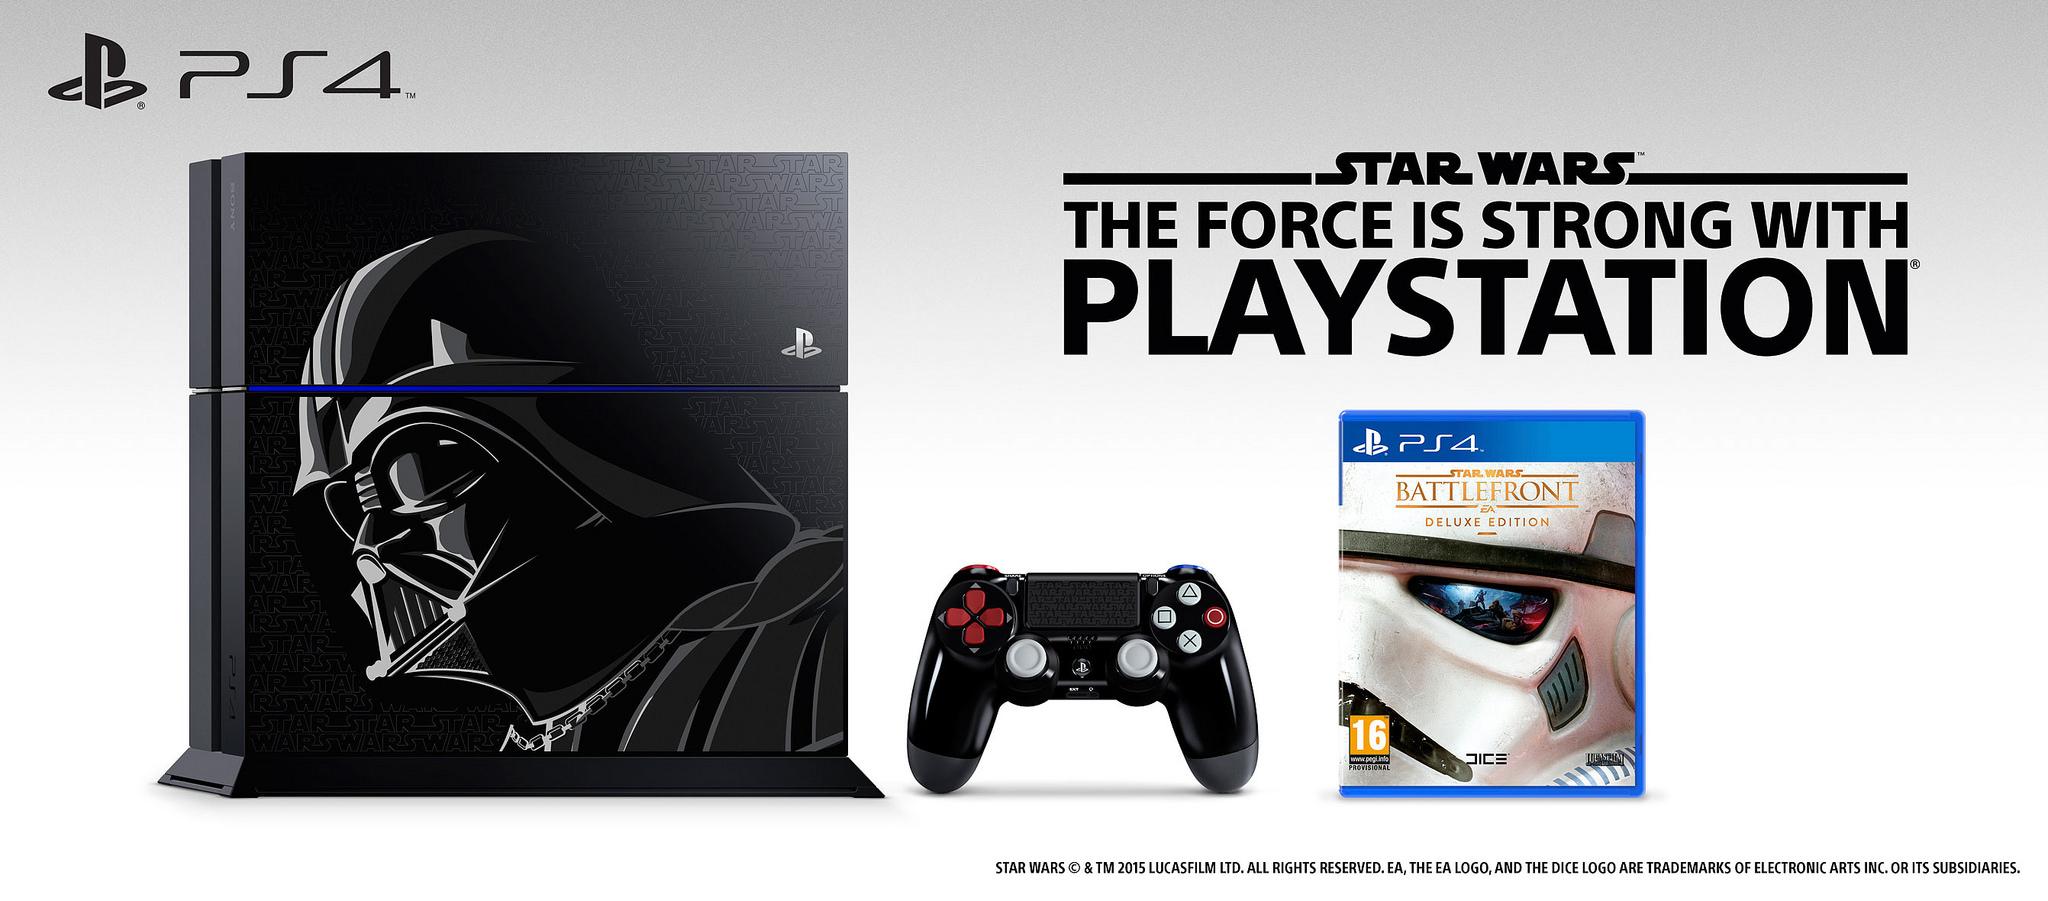 Star Wars Battlefront PS4 Limited Edition Bundle Deal